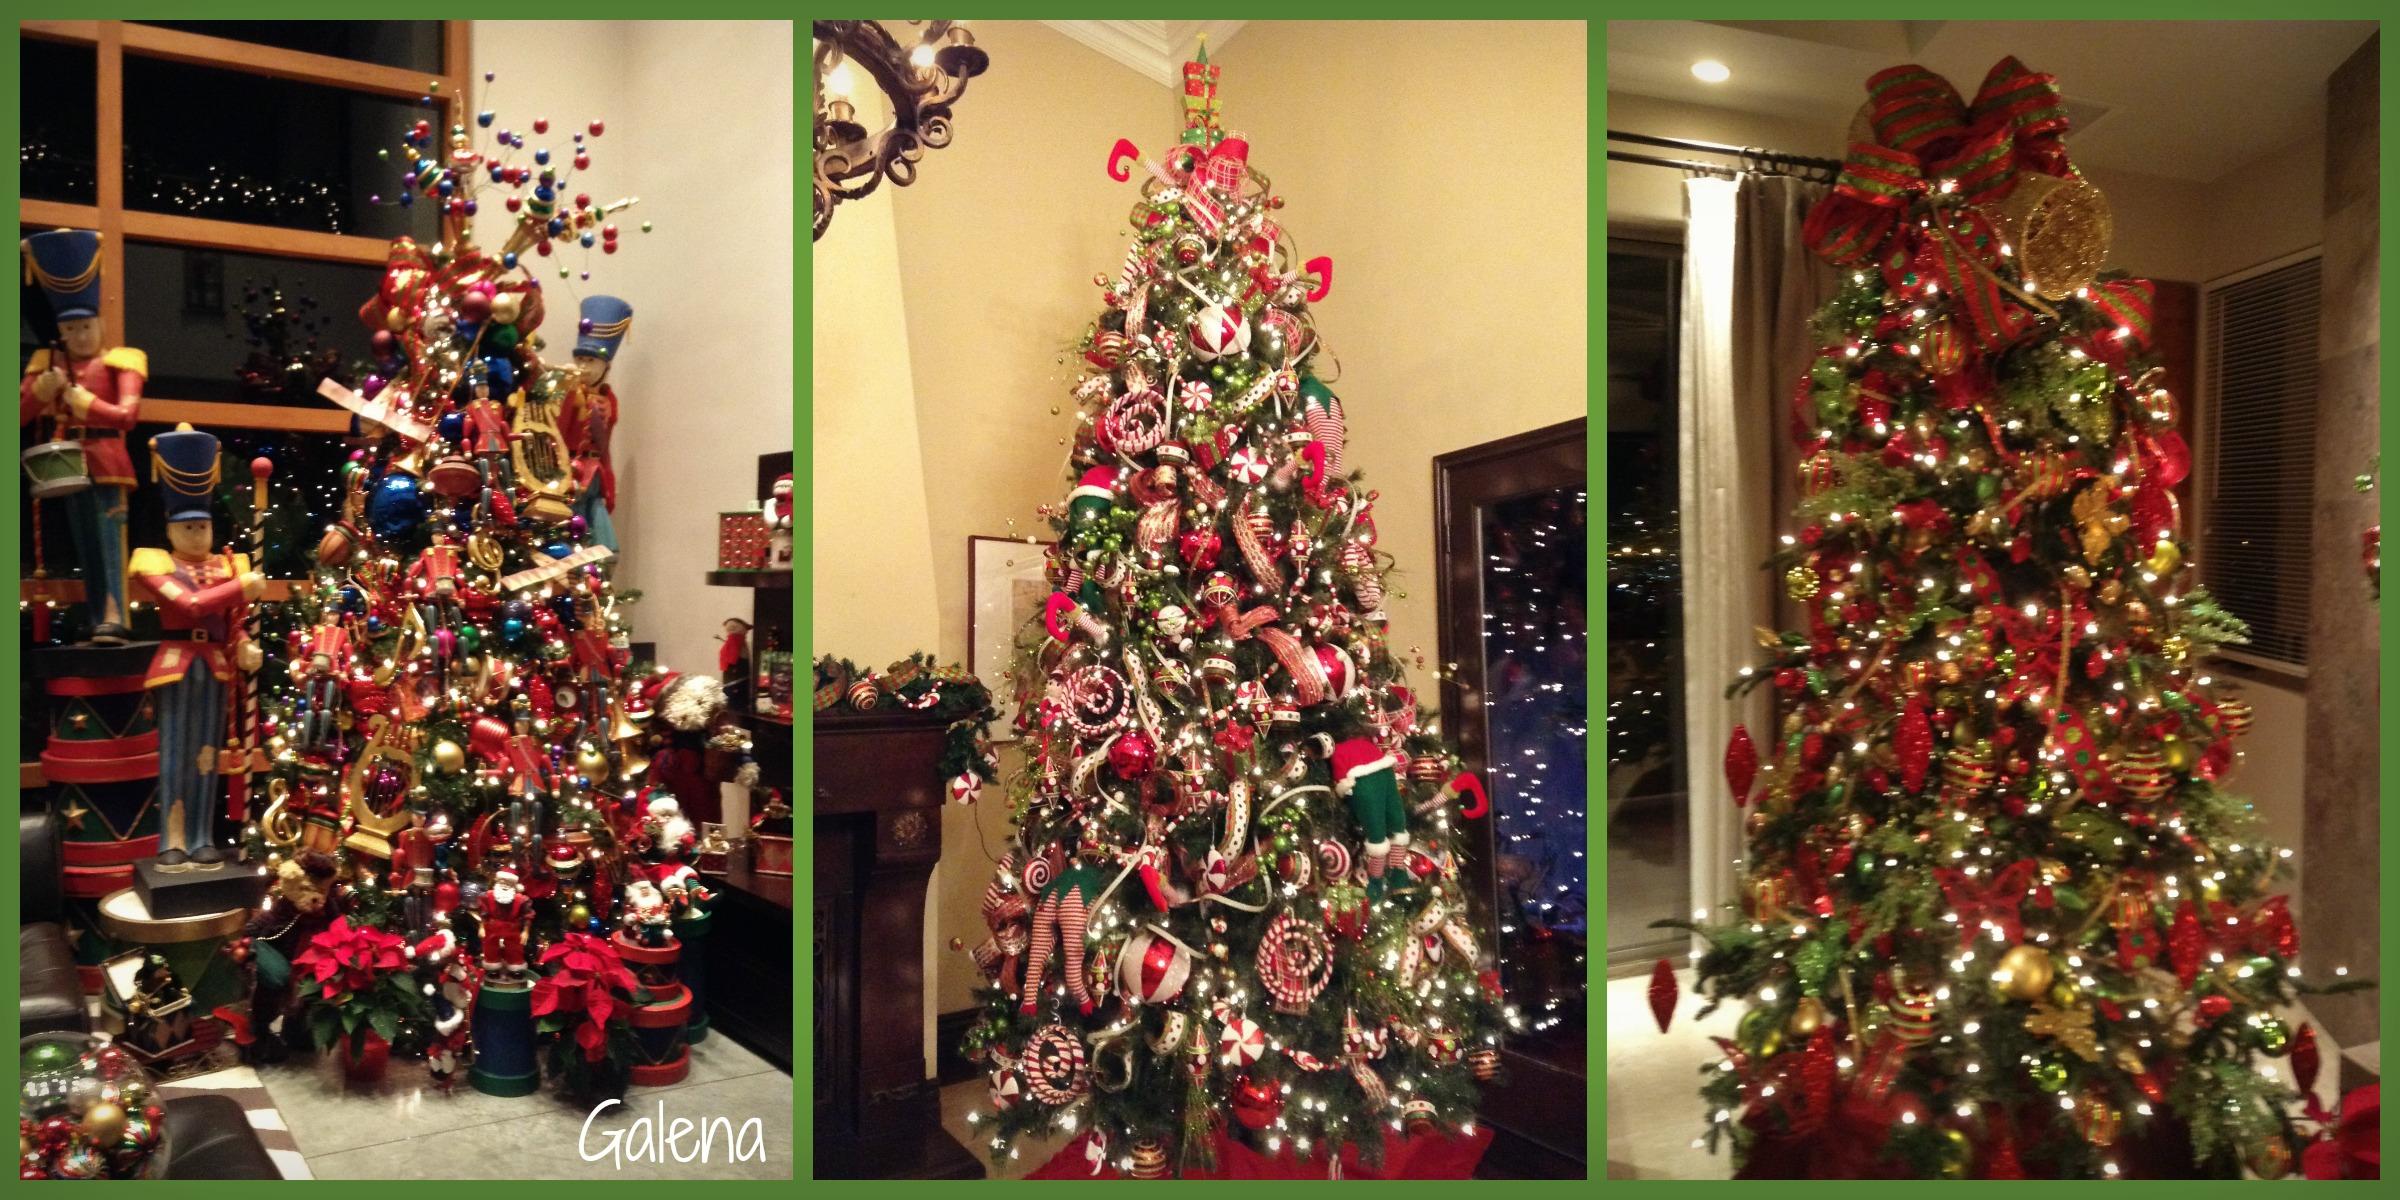 Para poner los listones al rbol de navidad ana galena - Arboles navidad decoracion ...